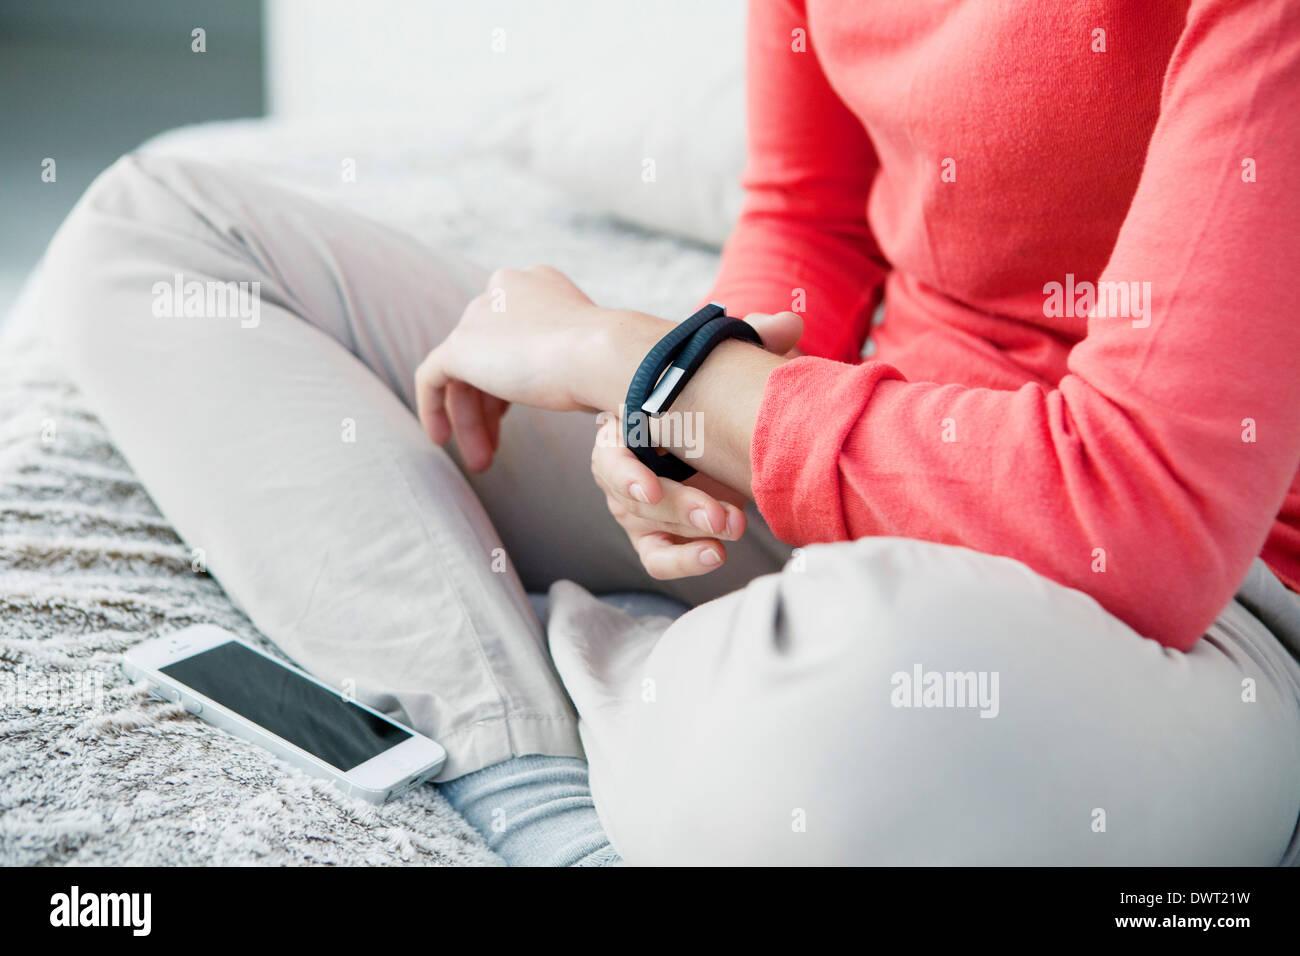 Activity tracker - Stock Image